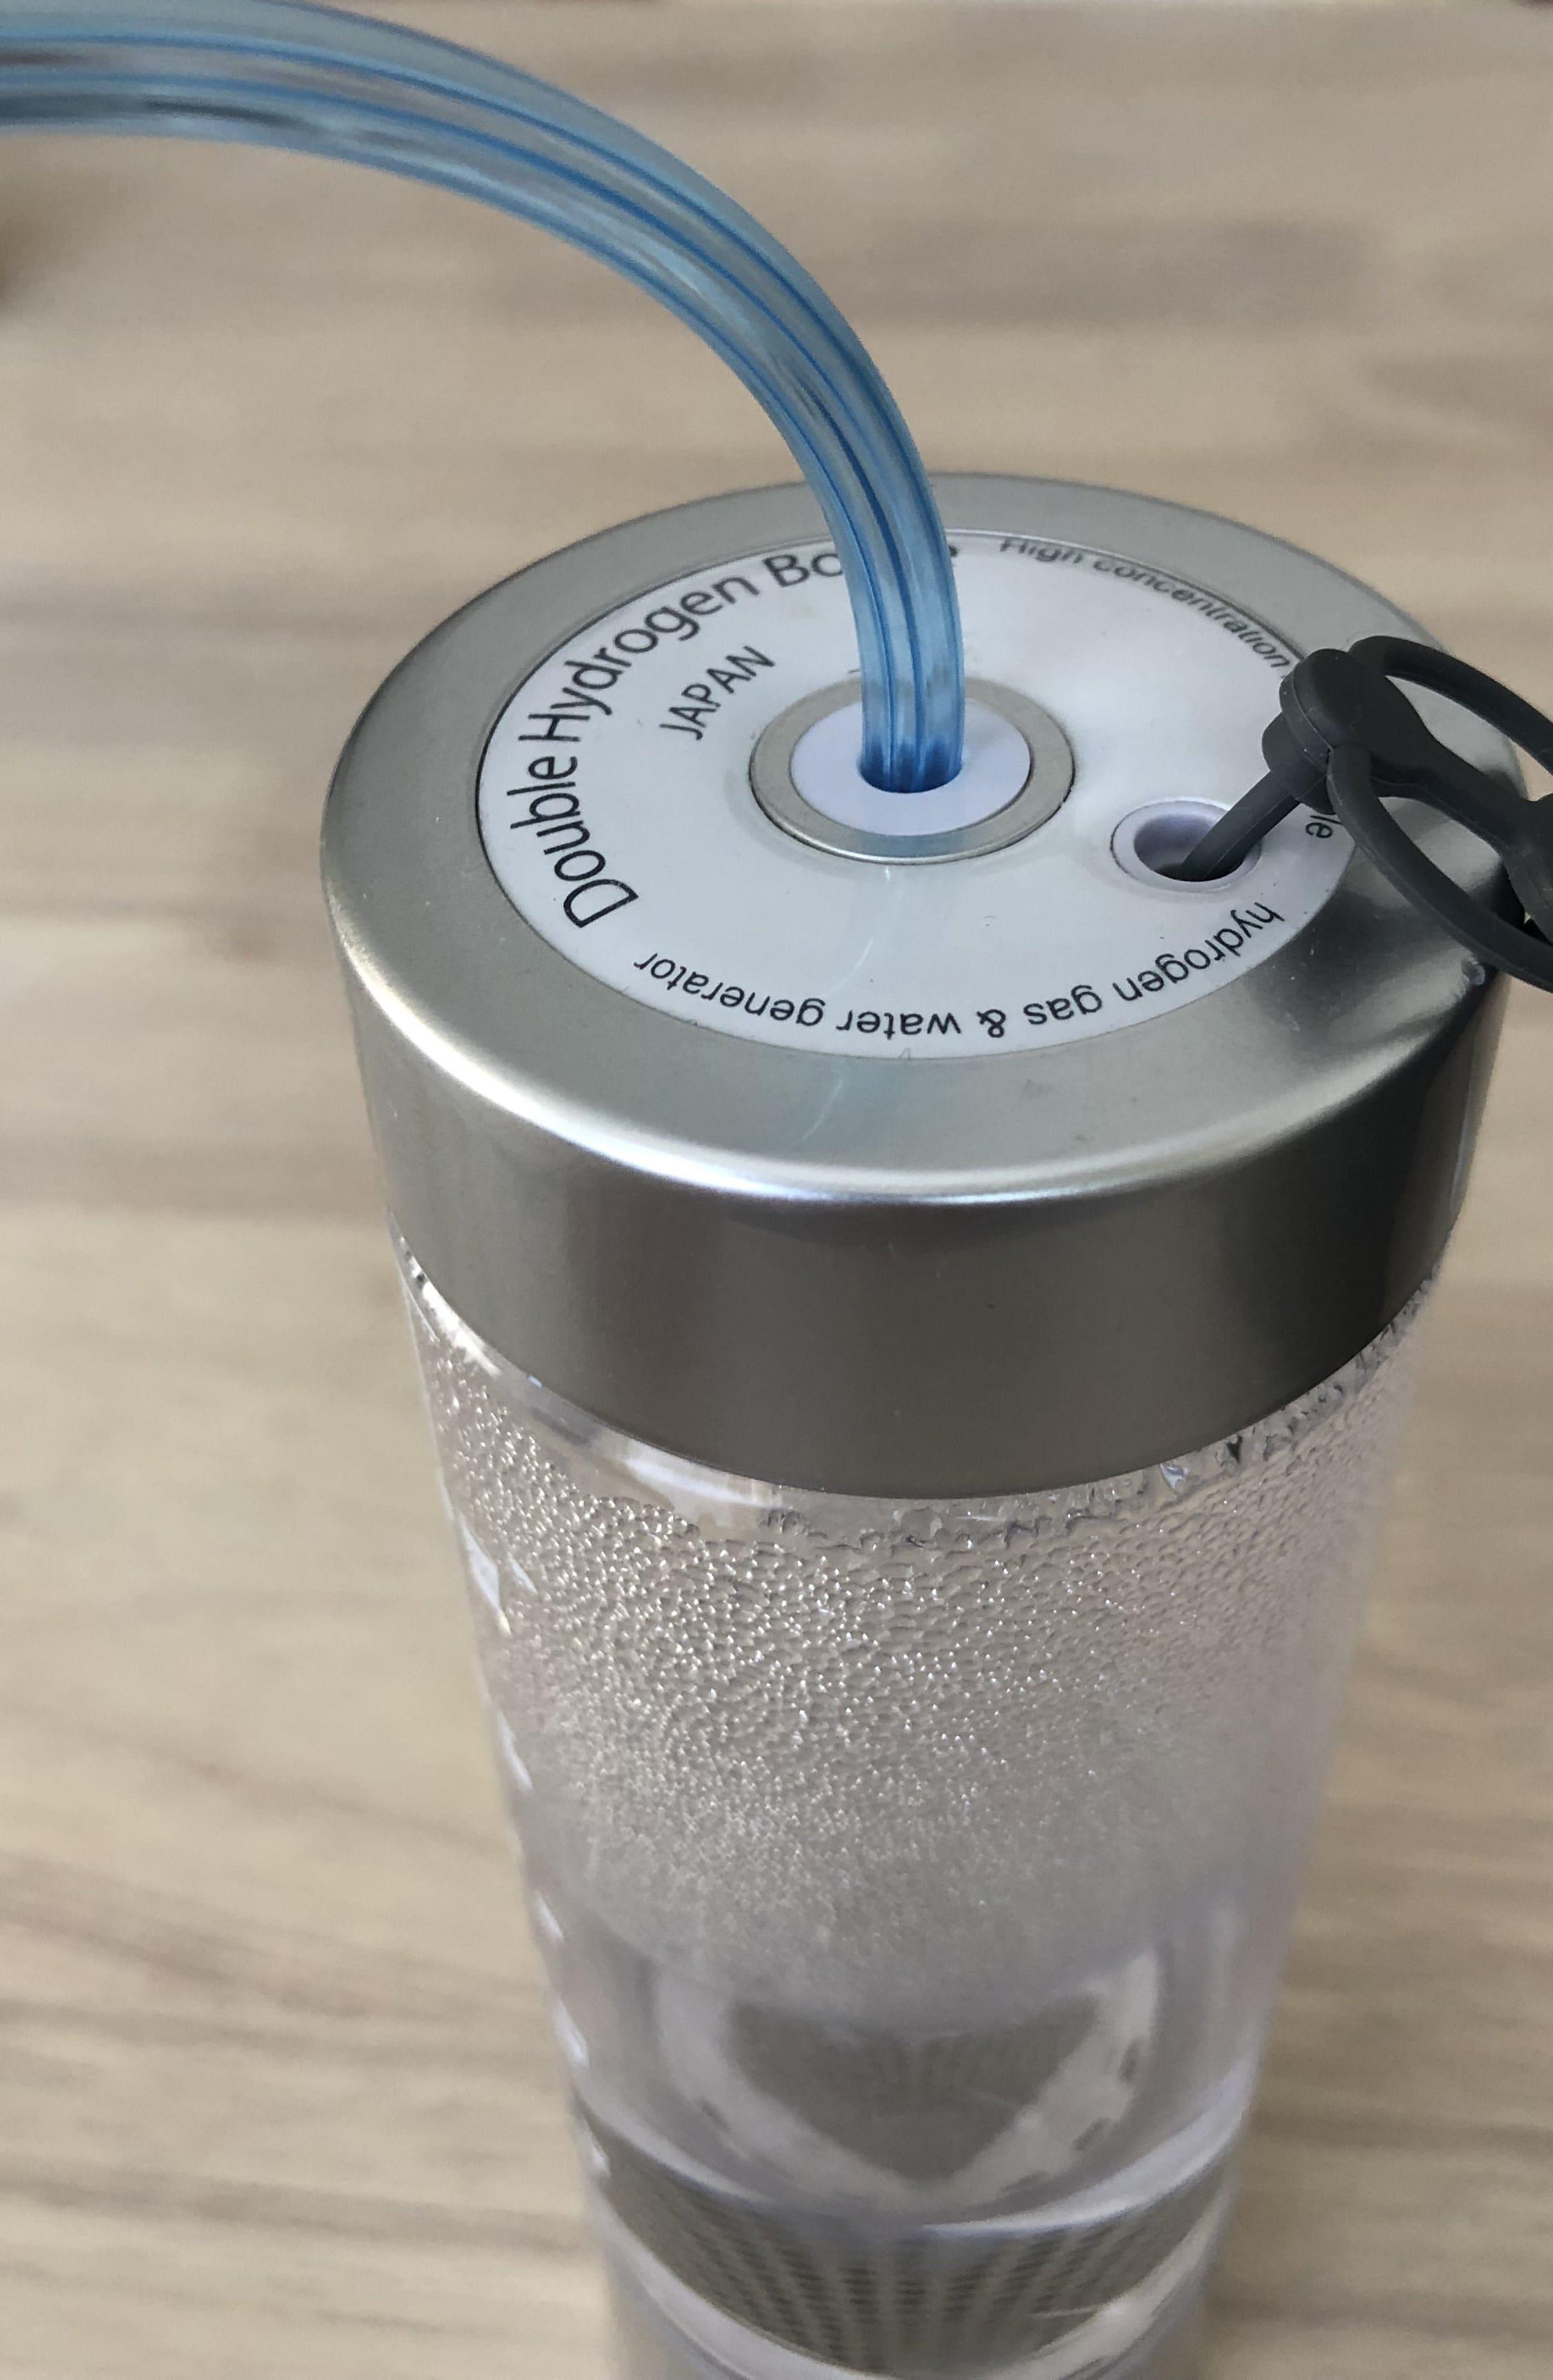 【店頭受け取り限定】ダブル水素ボトル専用カニューラのイメージその2